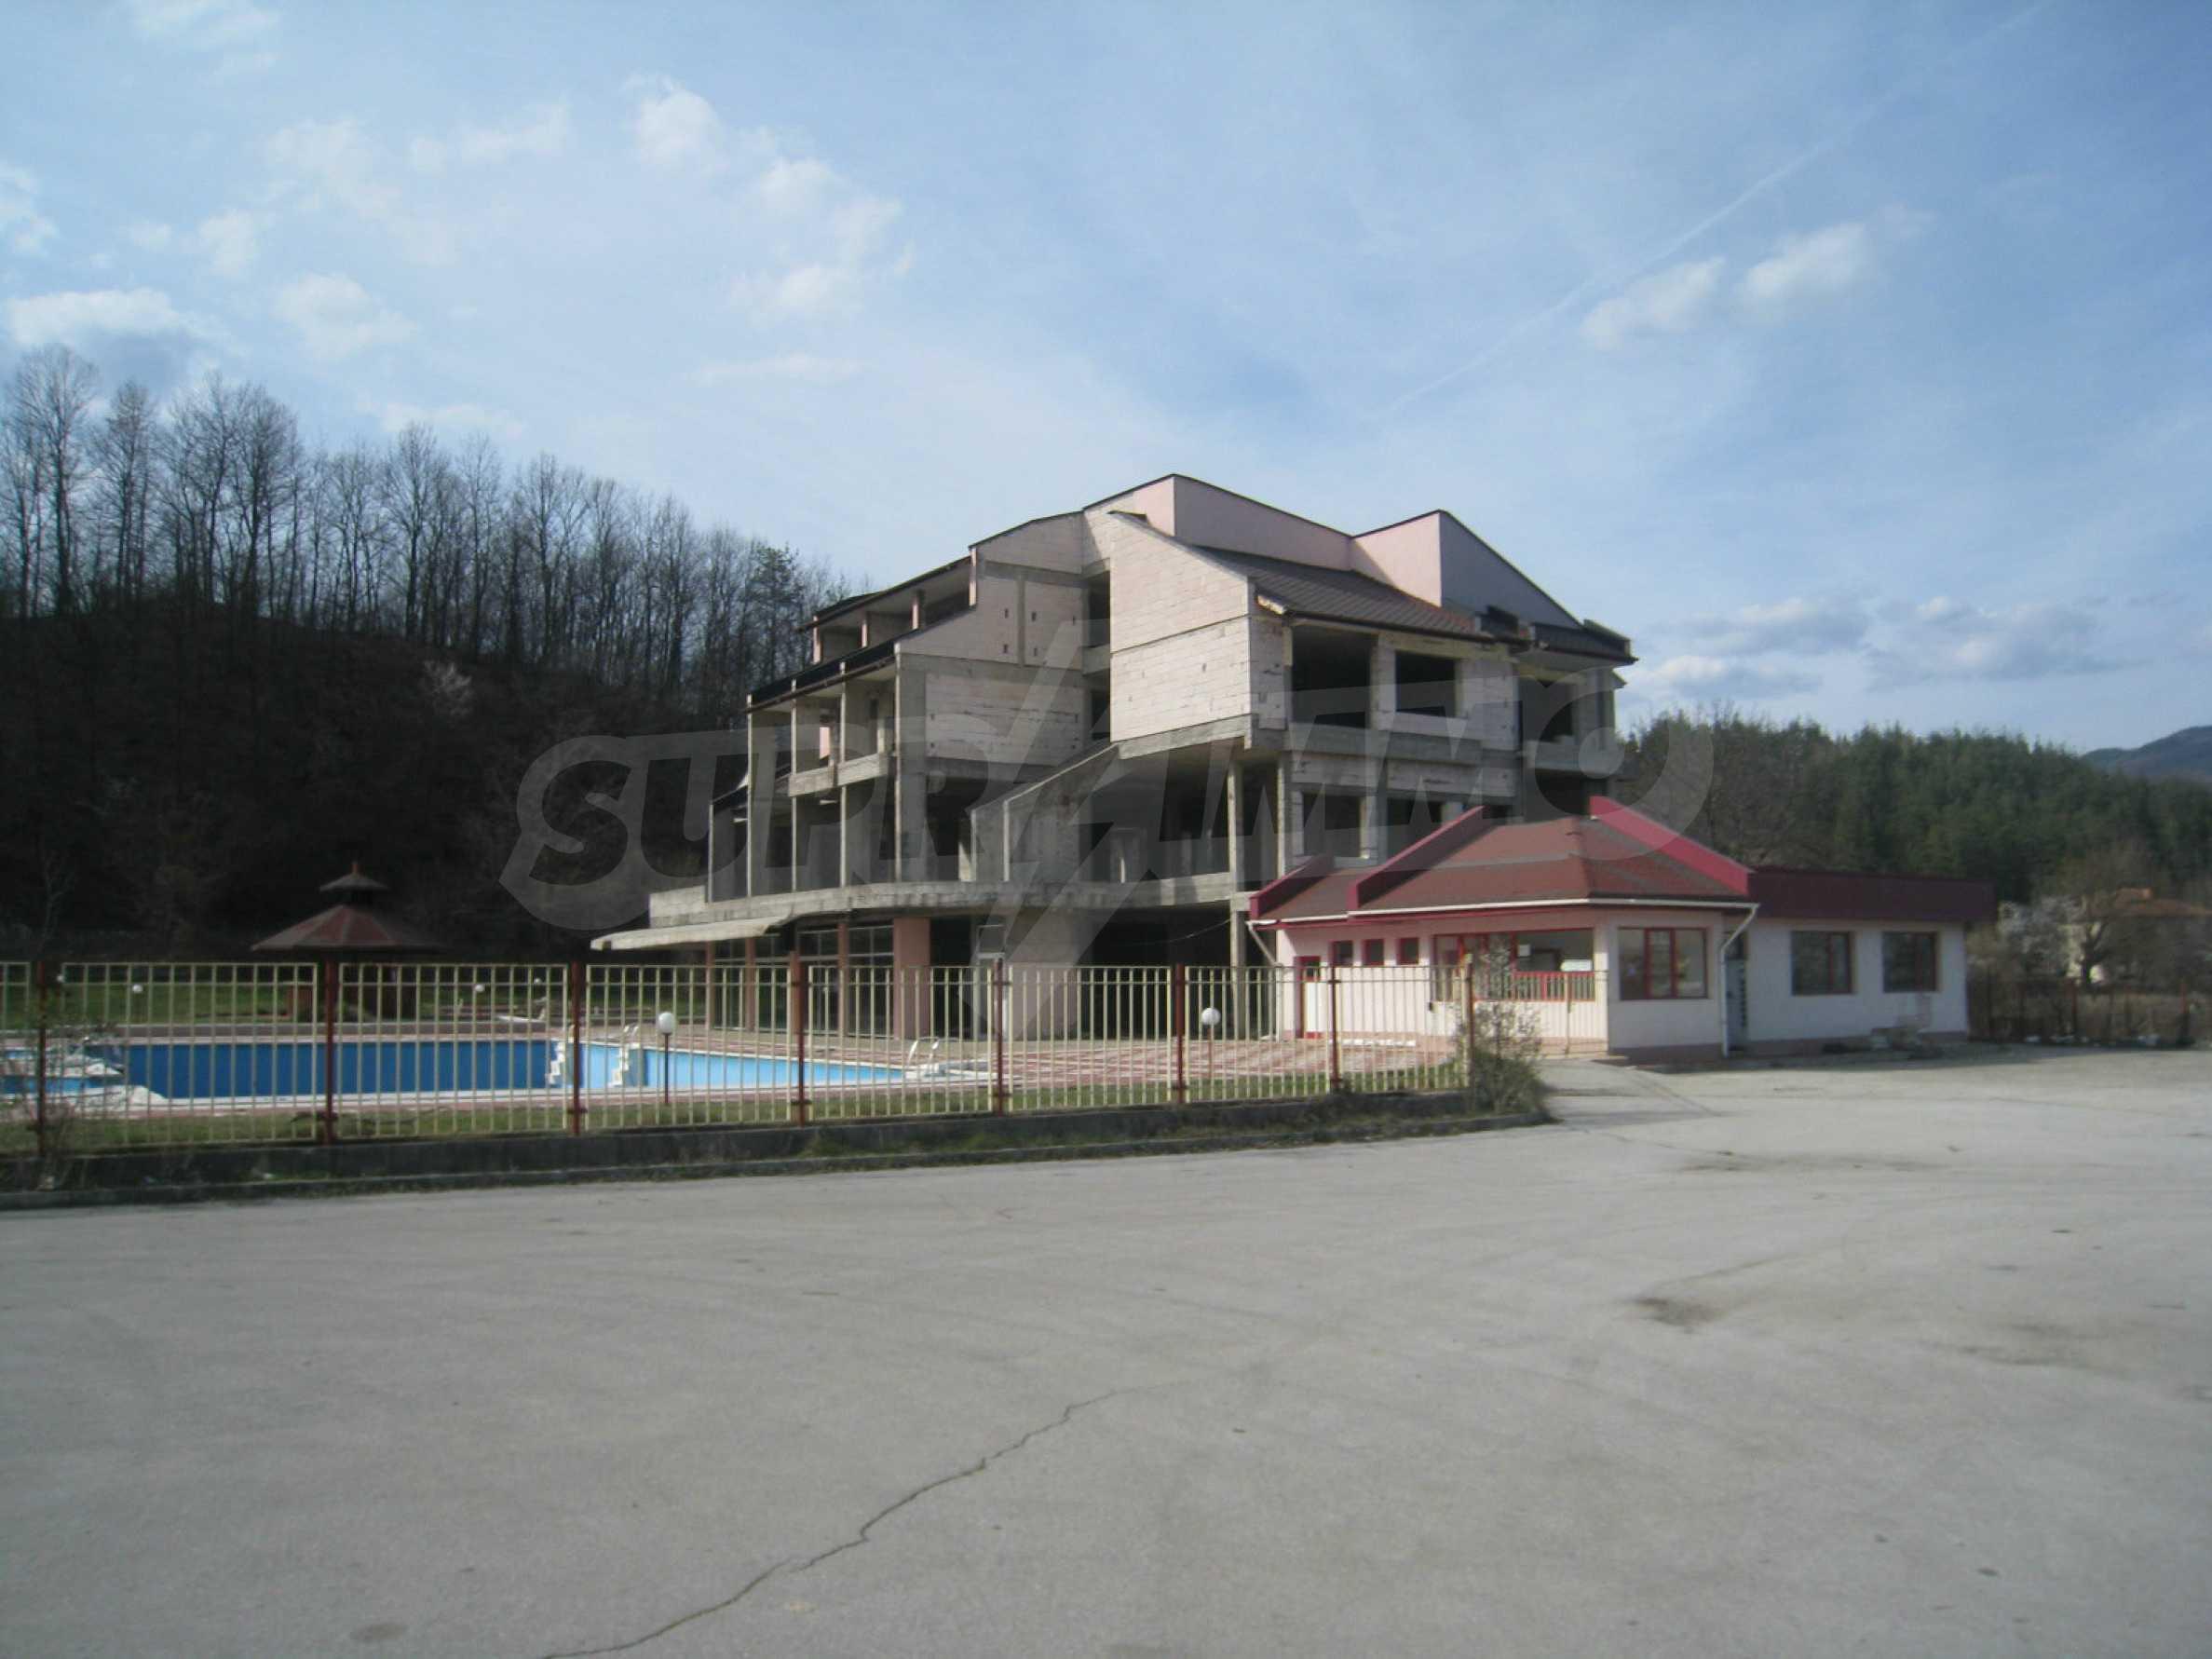 Hotelanlage mit Schwimmbad, Tankstelle und großem Grundstück in Etropole 52